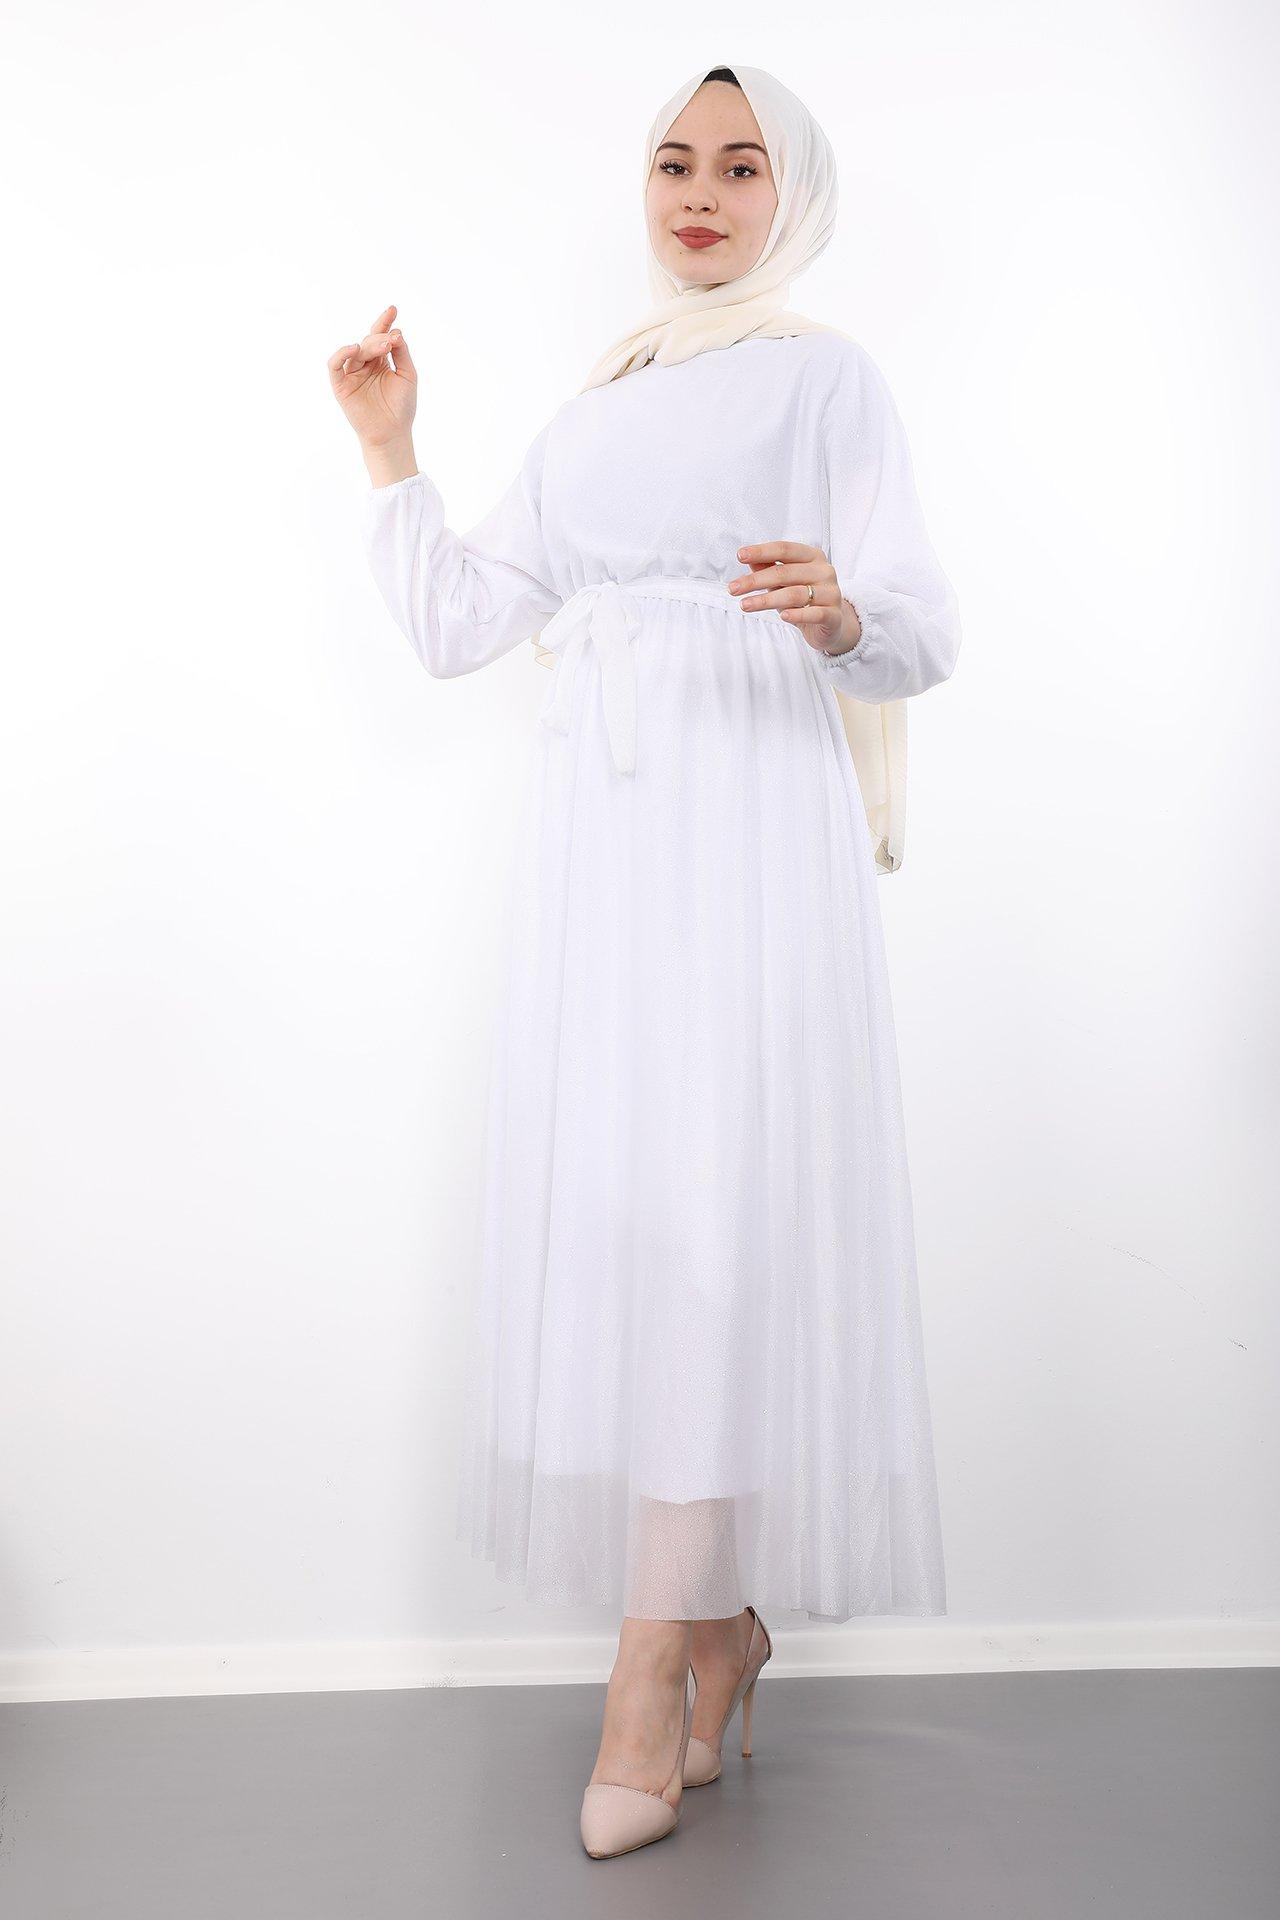 GİZAGİYİM - Simli Şifon Elbise Beyaz